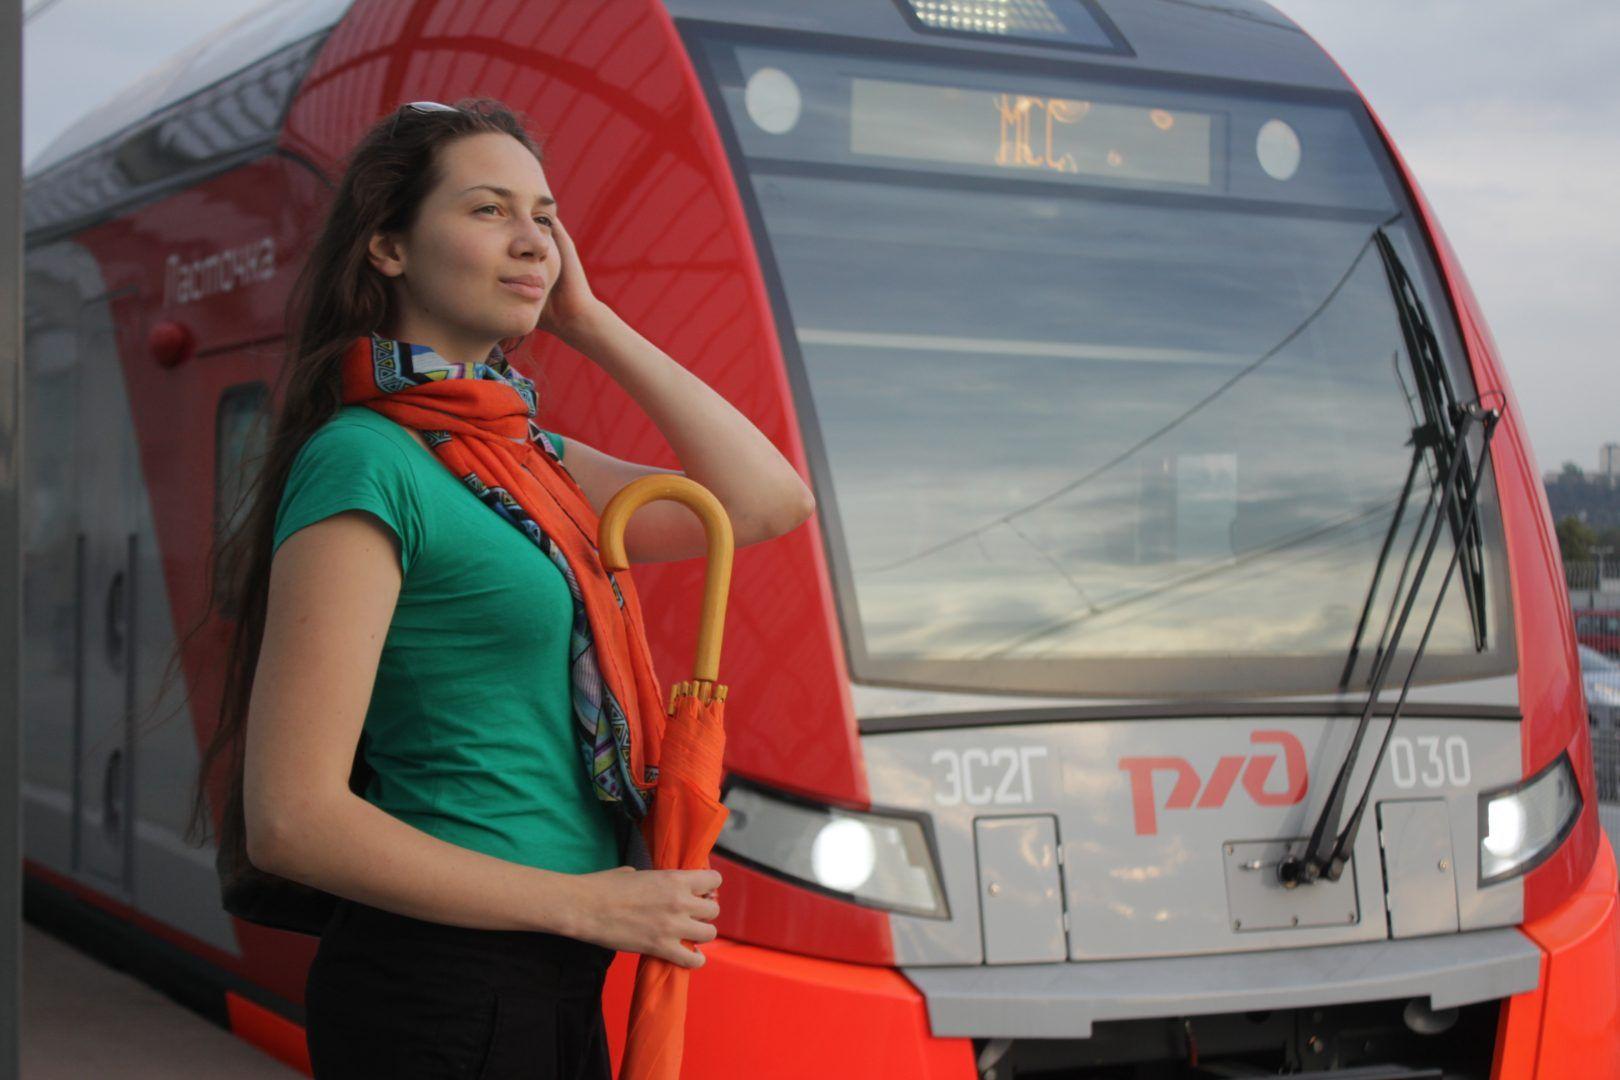 Горожане все чаще выбирают МЦК. Фото: Анастасия Перминова, «Вечерняя Москва»